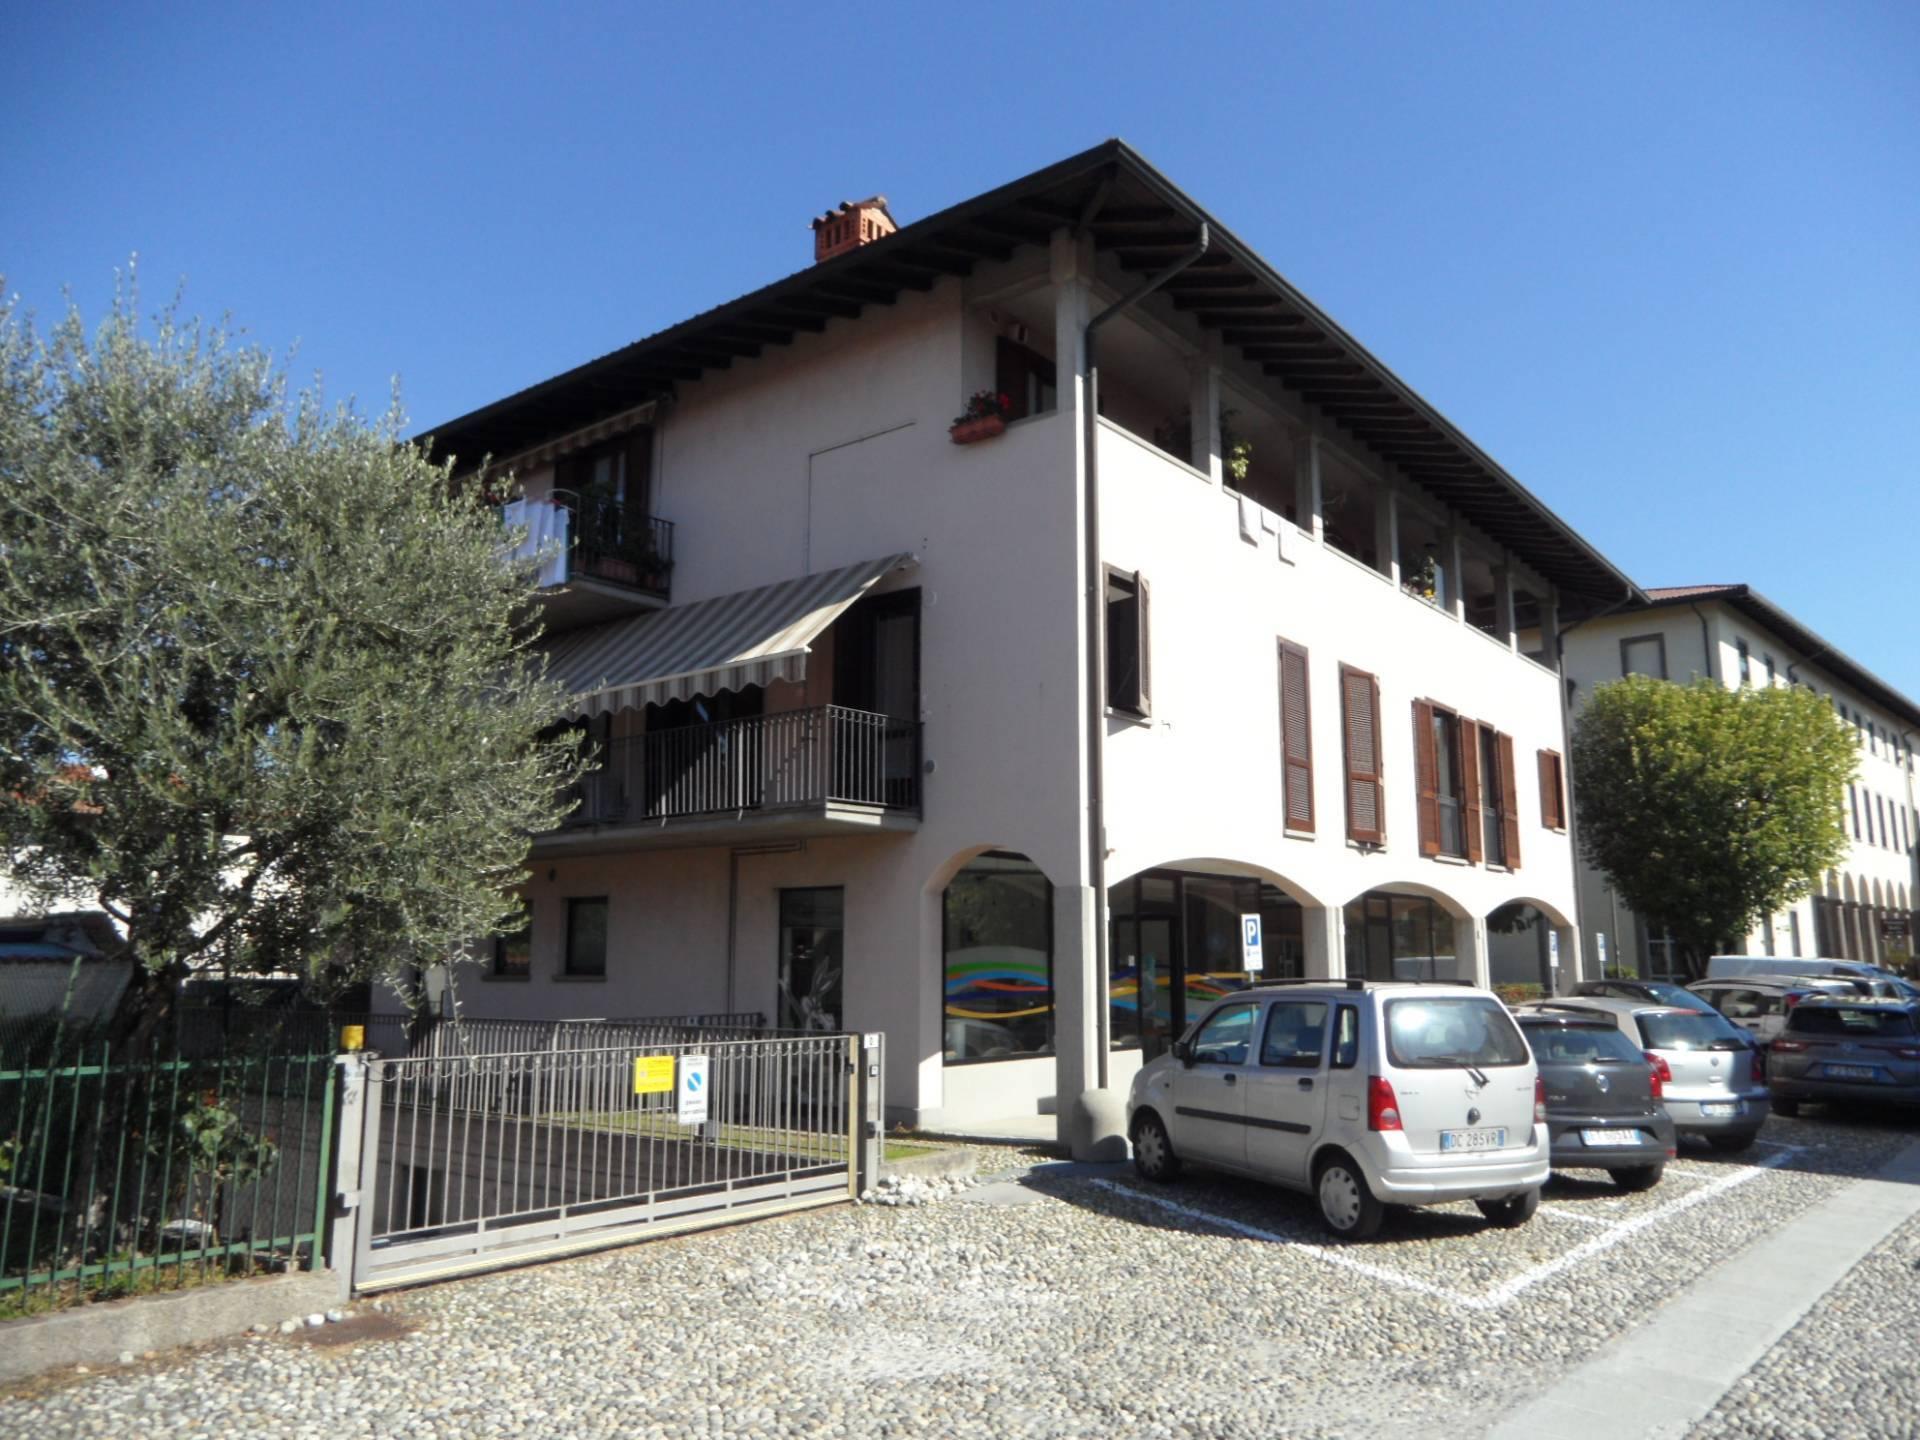 Appartamento in vendita a Grassobbio, 4 locali, prezzo € 140.000 | PortaleAgenzieImmobiliari.it